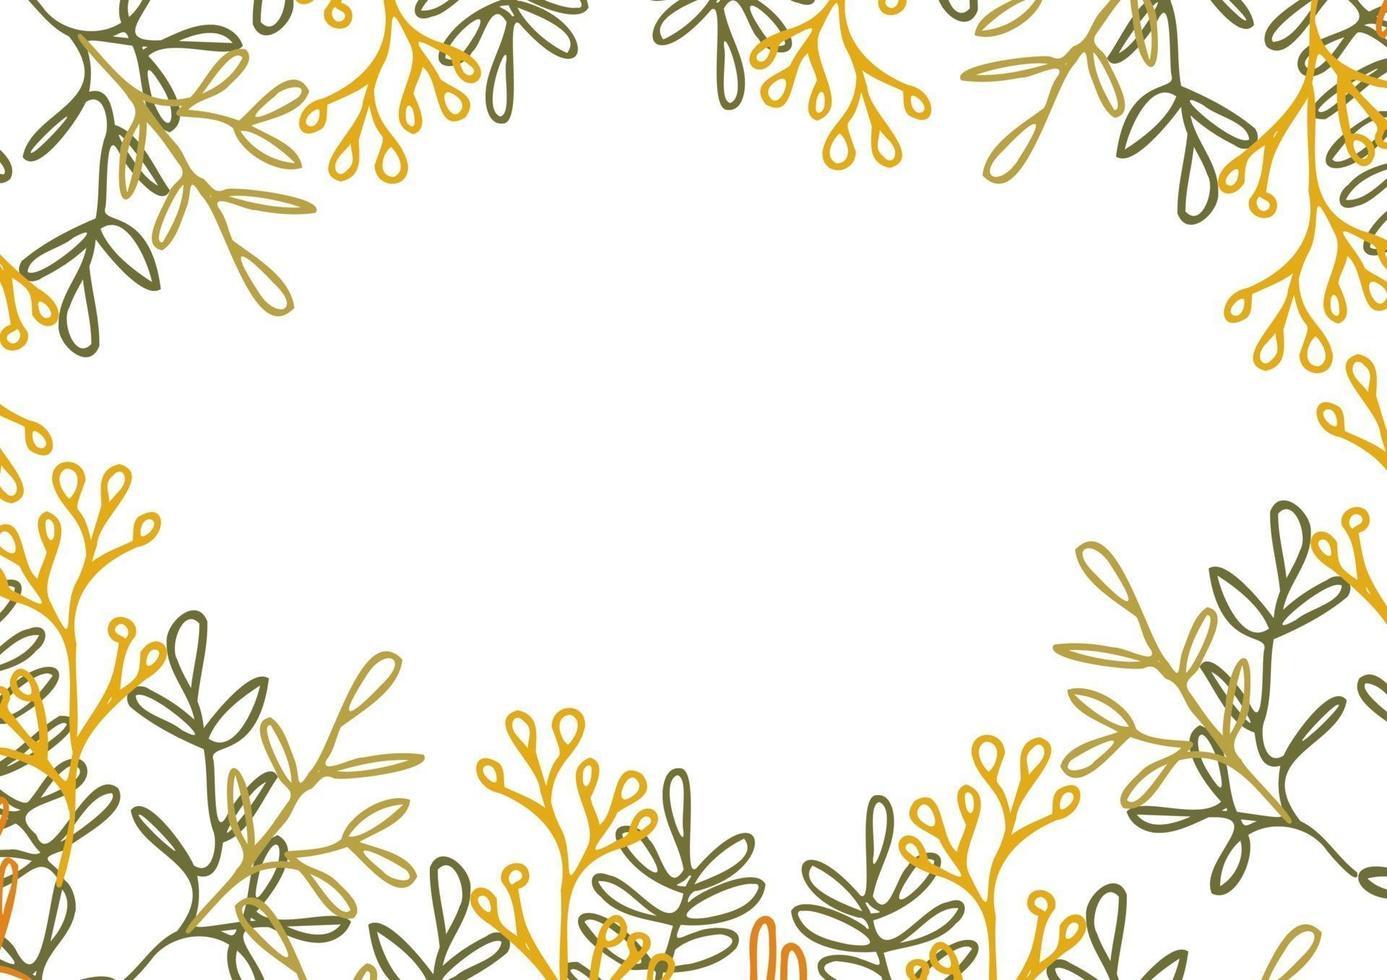 blommig ram ram mall. bakgrund med kopieringsutrymme för text. vektor